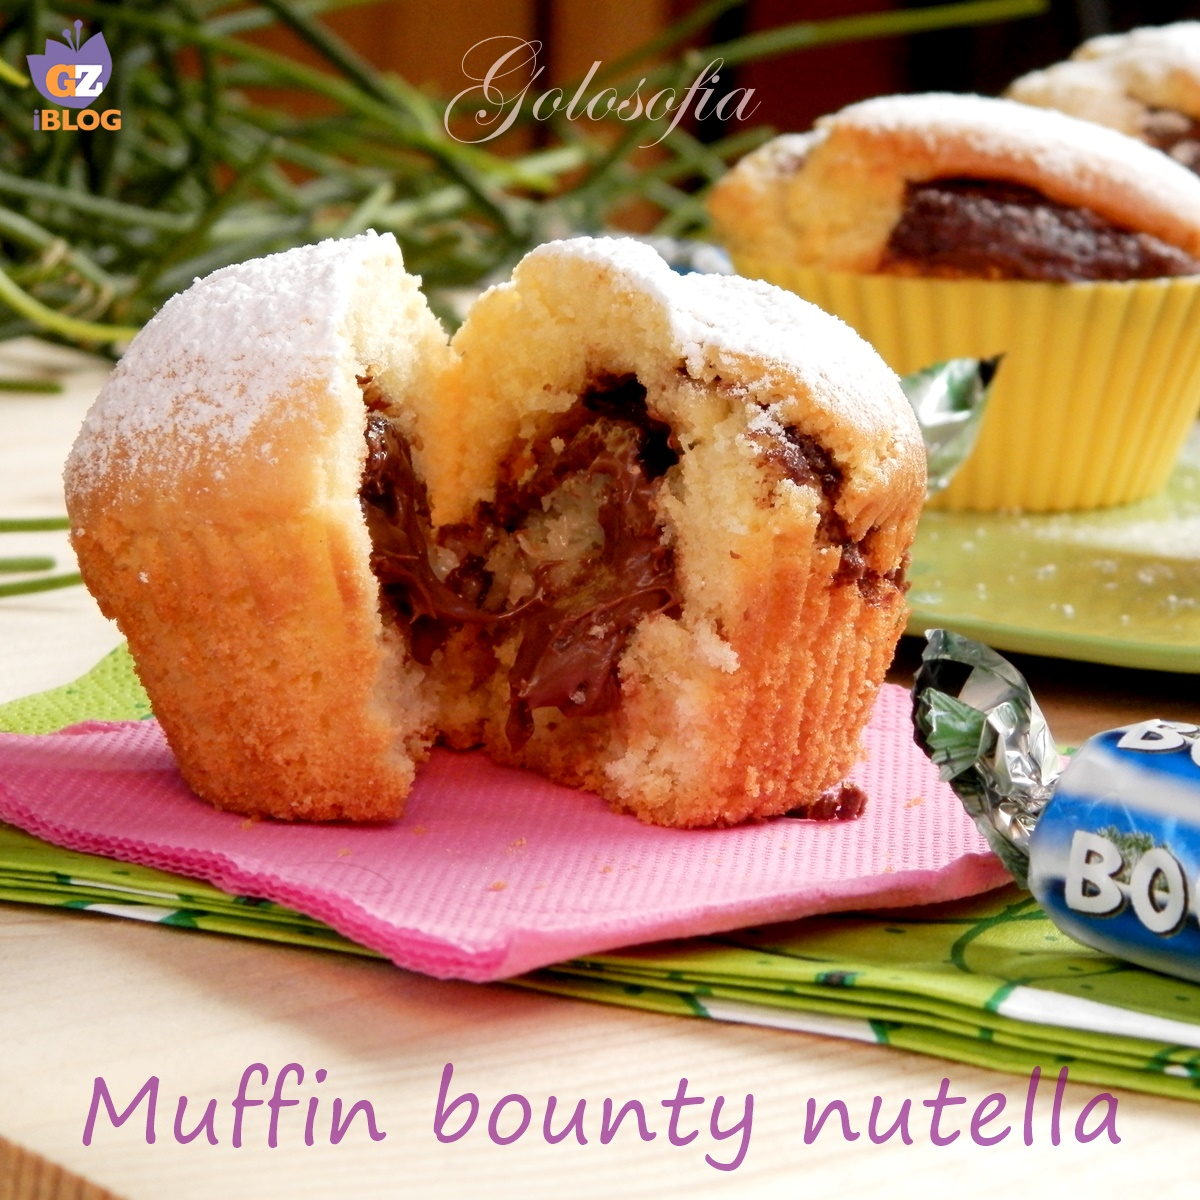 Muffin bounty e nutella-ricetta dolci-golosofia